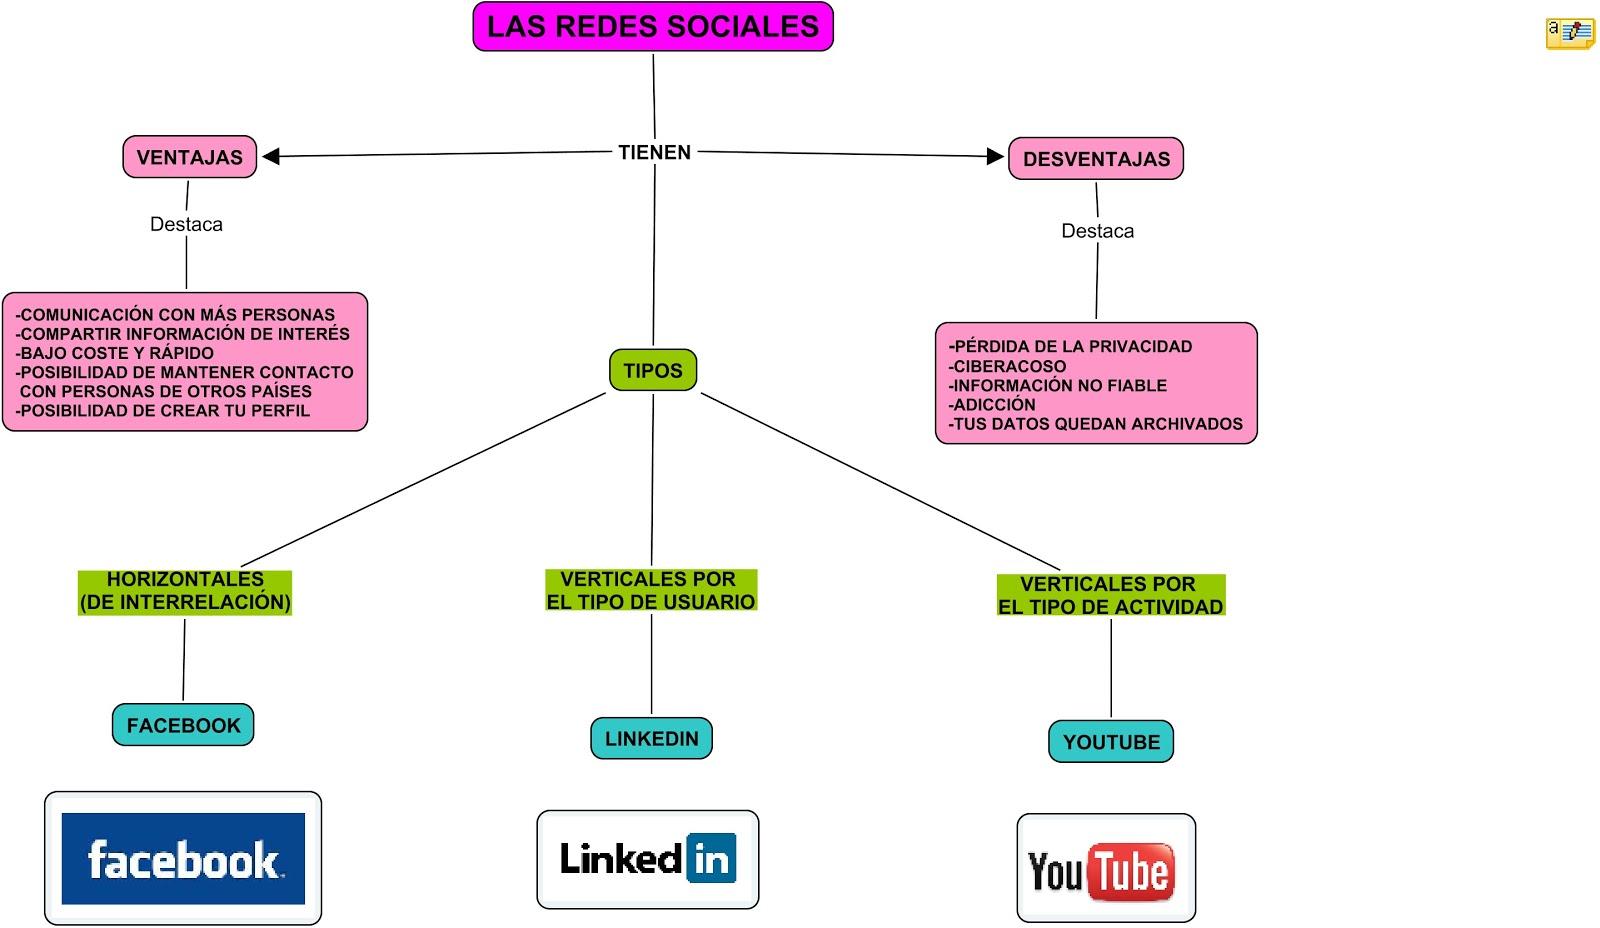 debatimos sobre las ventajas y desventajas de las redes sociales y ...